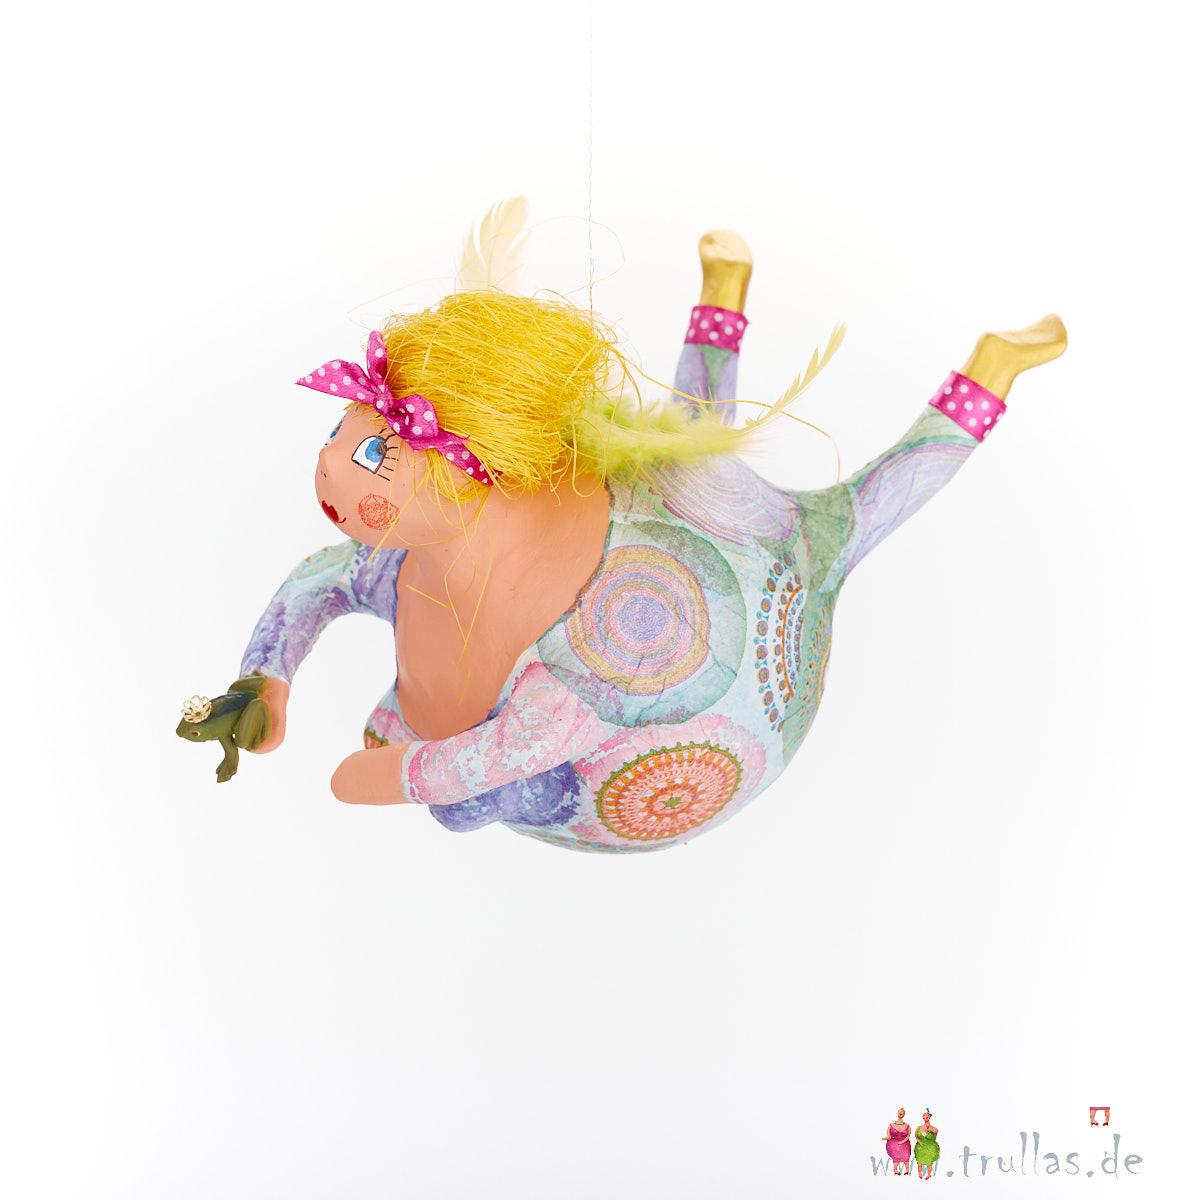 Schutzengel - Emma ist eine handgefertigte Figur aus Pappmachee. Trullas sind Geschenkideen fur Menschen die handgemachte Kunst schätzen.